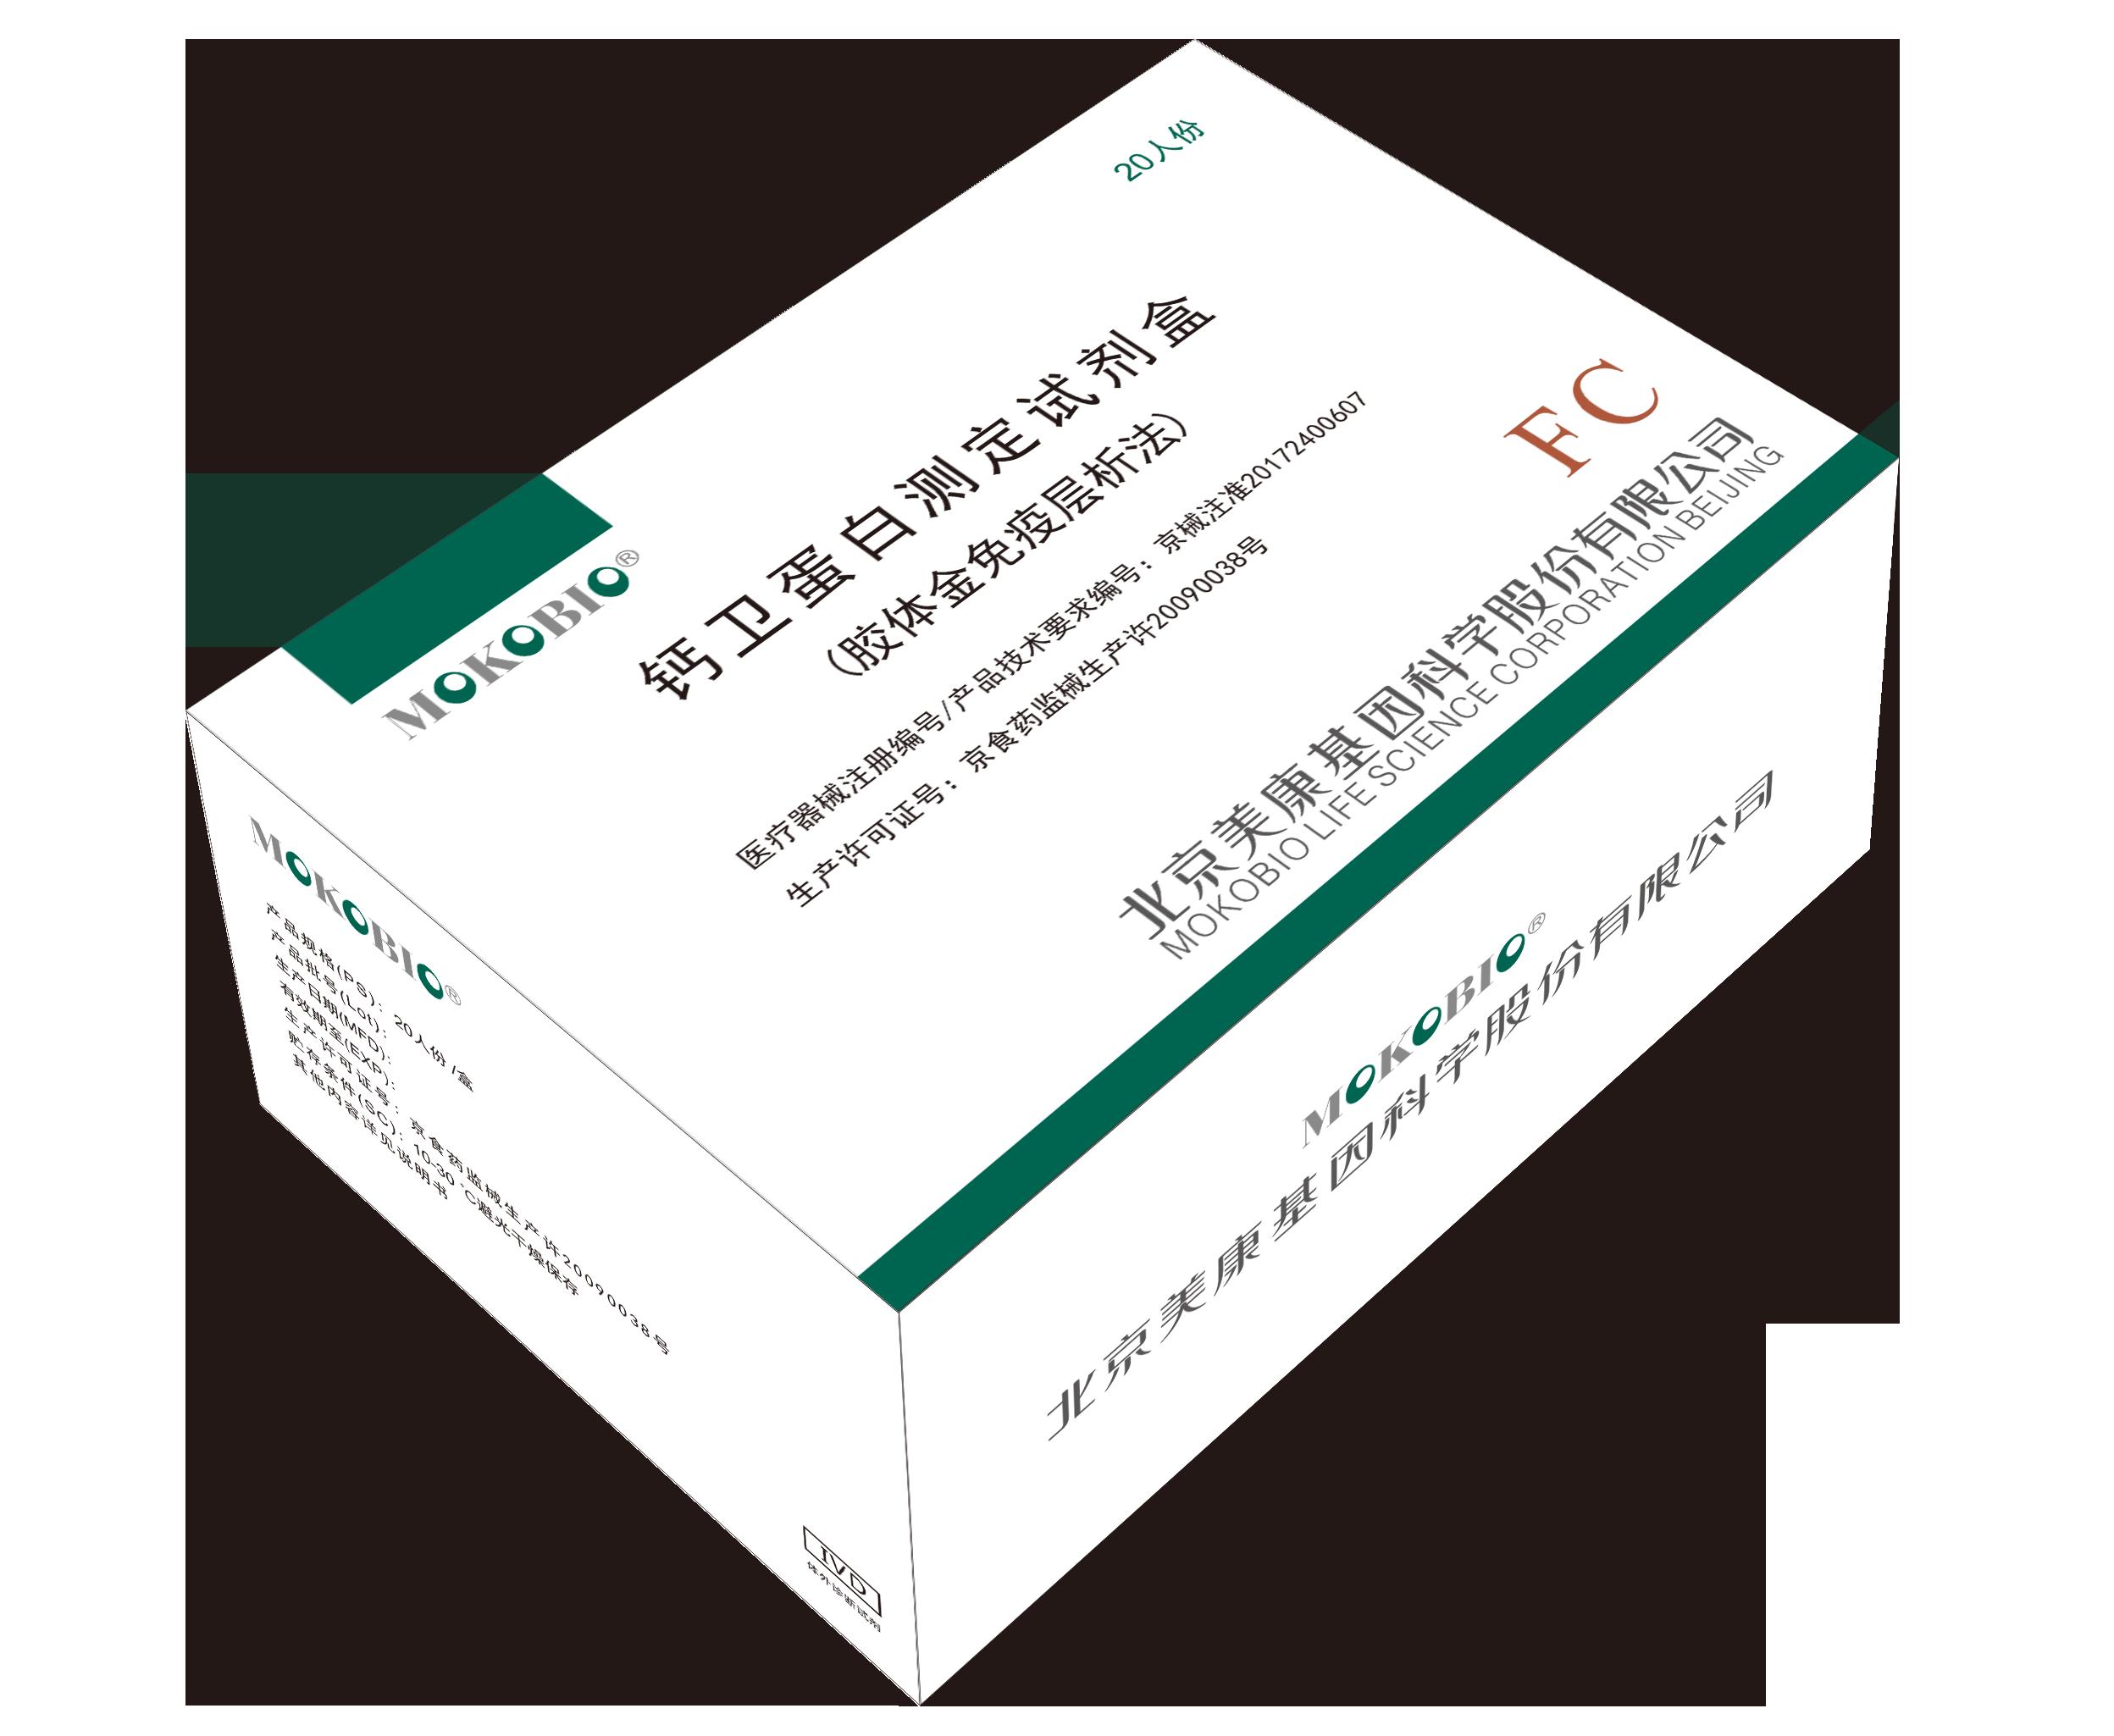 88必发com_钙卫蛋白测定88必发com盒(胶体金免疫层析法)